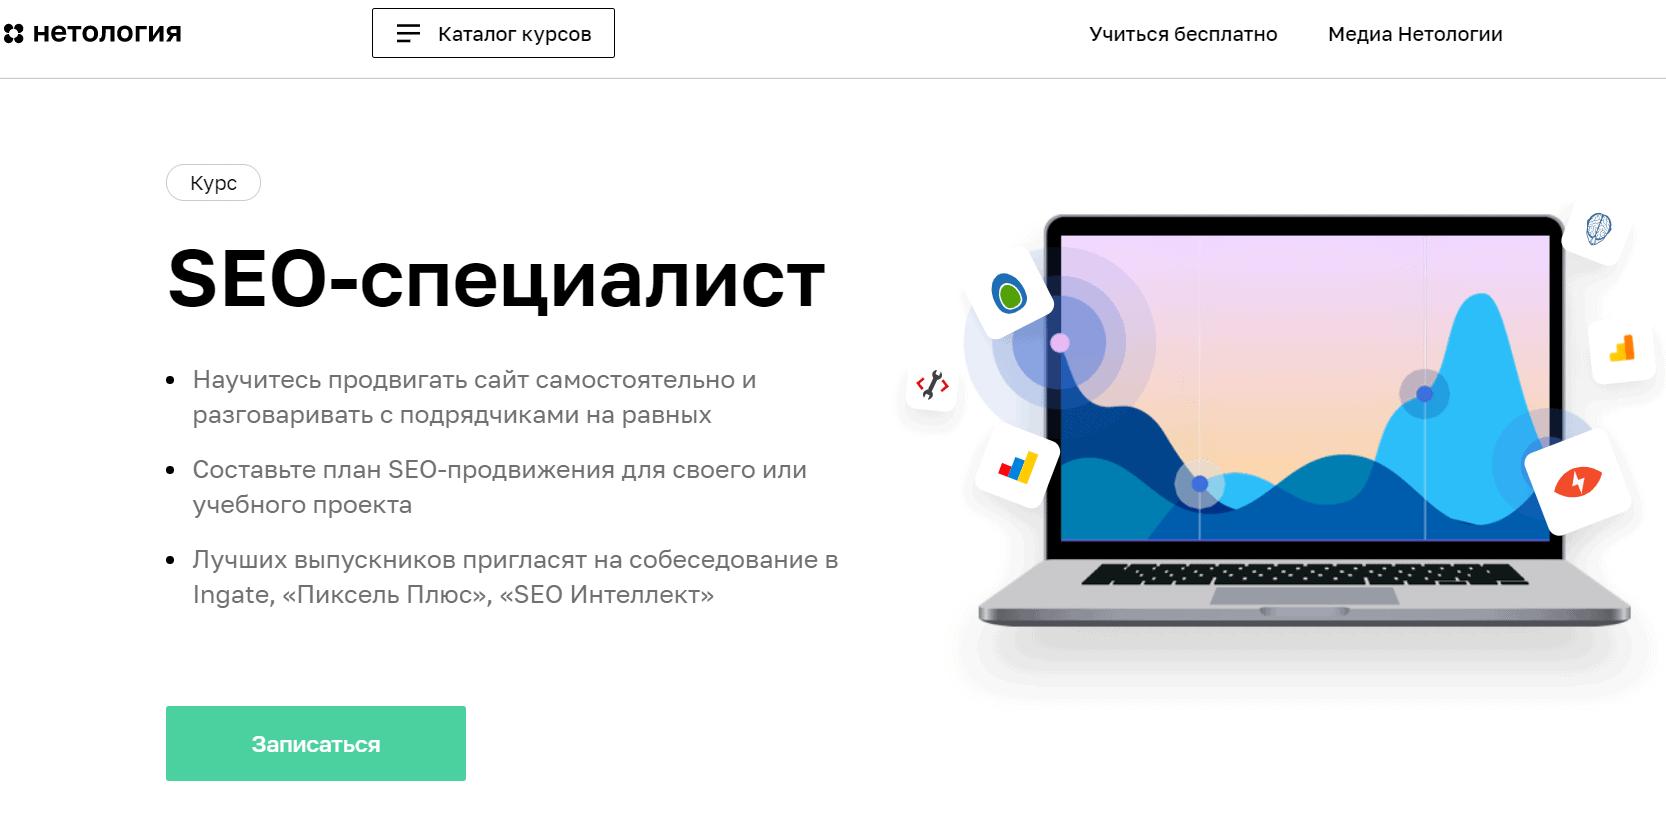 Система продвижение сайтов самостоятельно мордовская ипотечная компания официальный сайт